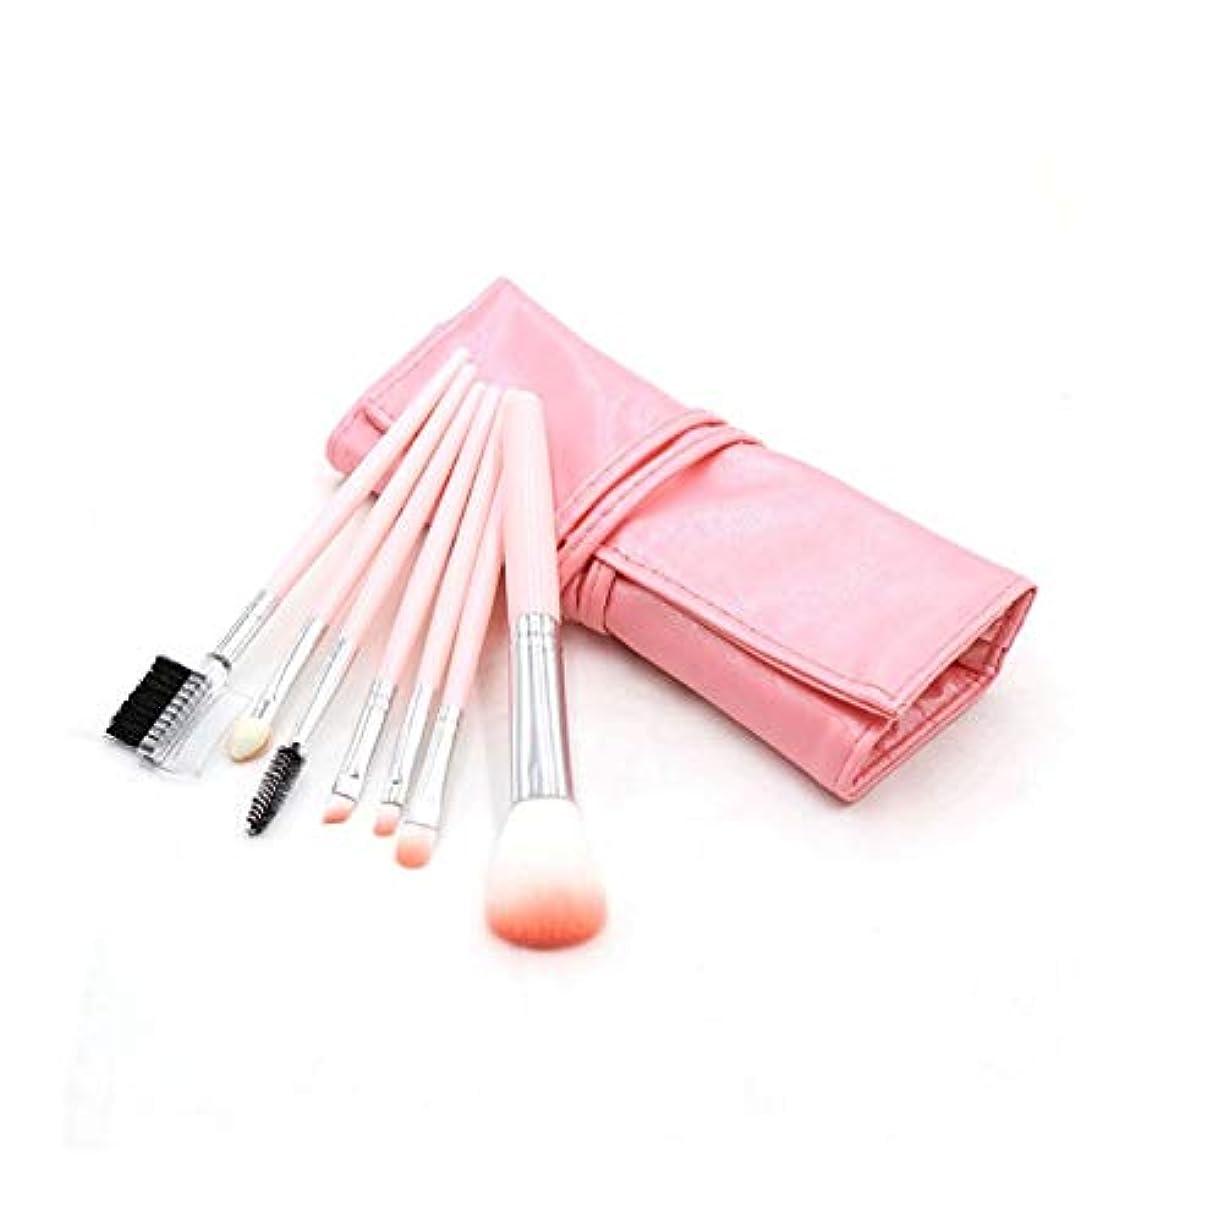 最後に考案するプランテーション化粧ブラシセット、ピンク7化粧ブラシ化粧ブラシセットアイシャドウブラシリップブラシ美容化粧道具